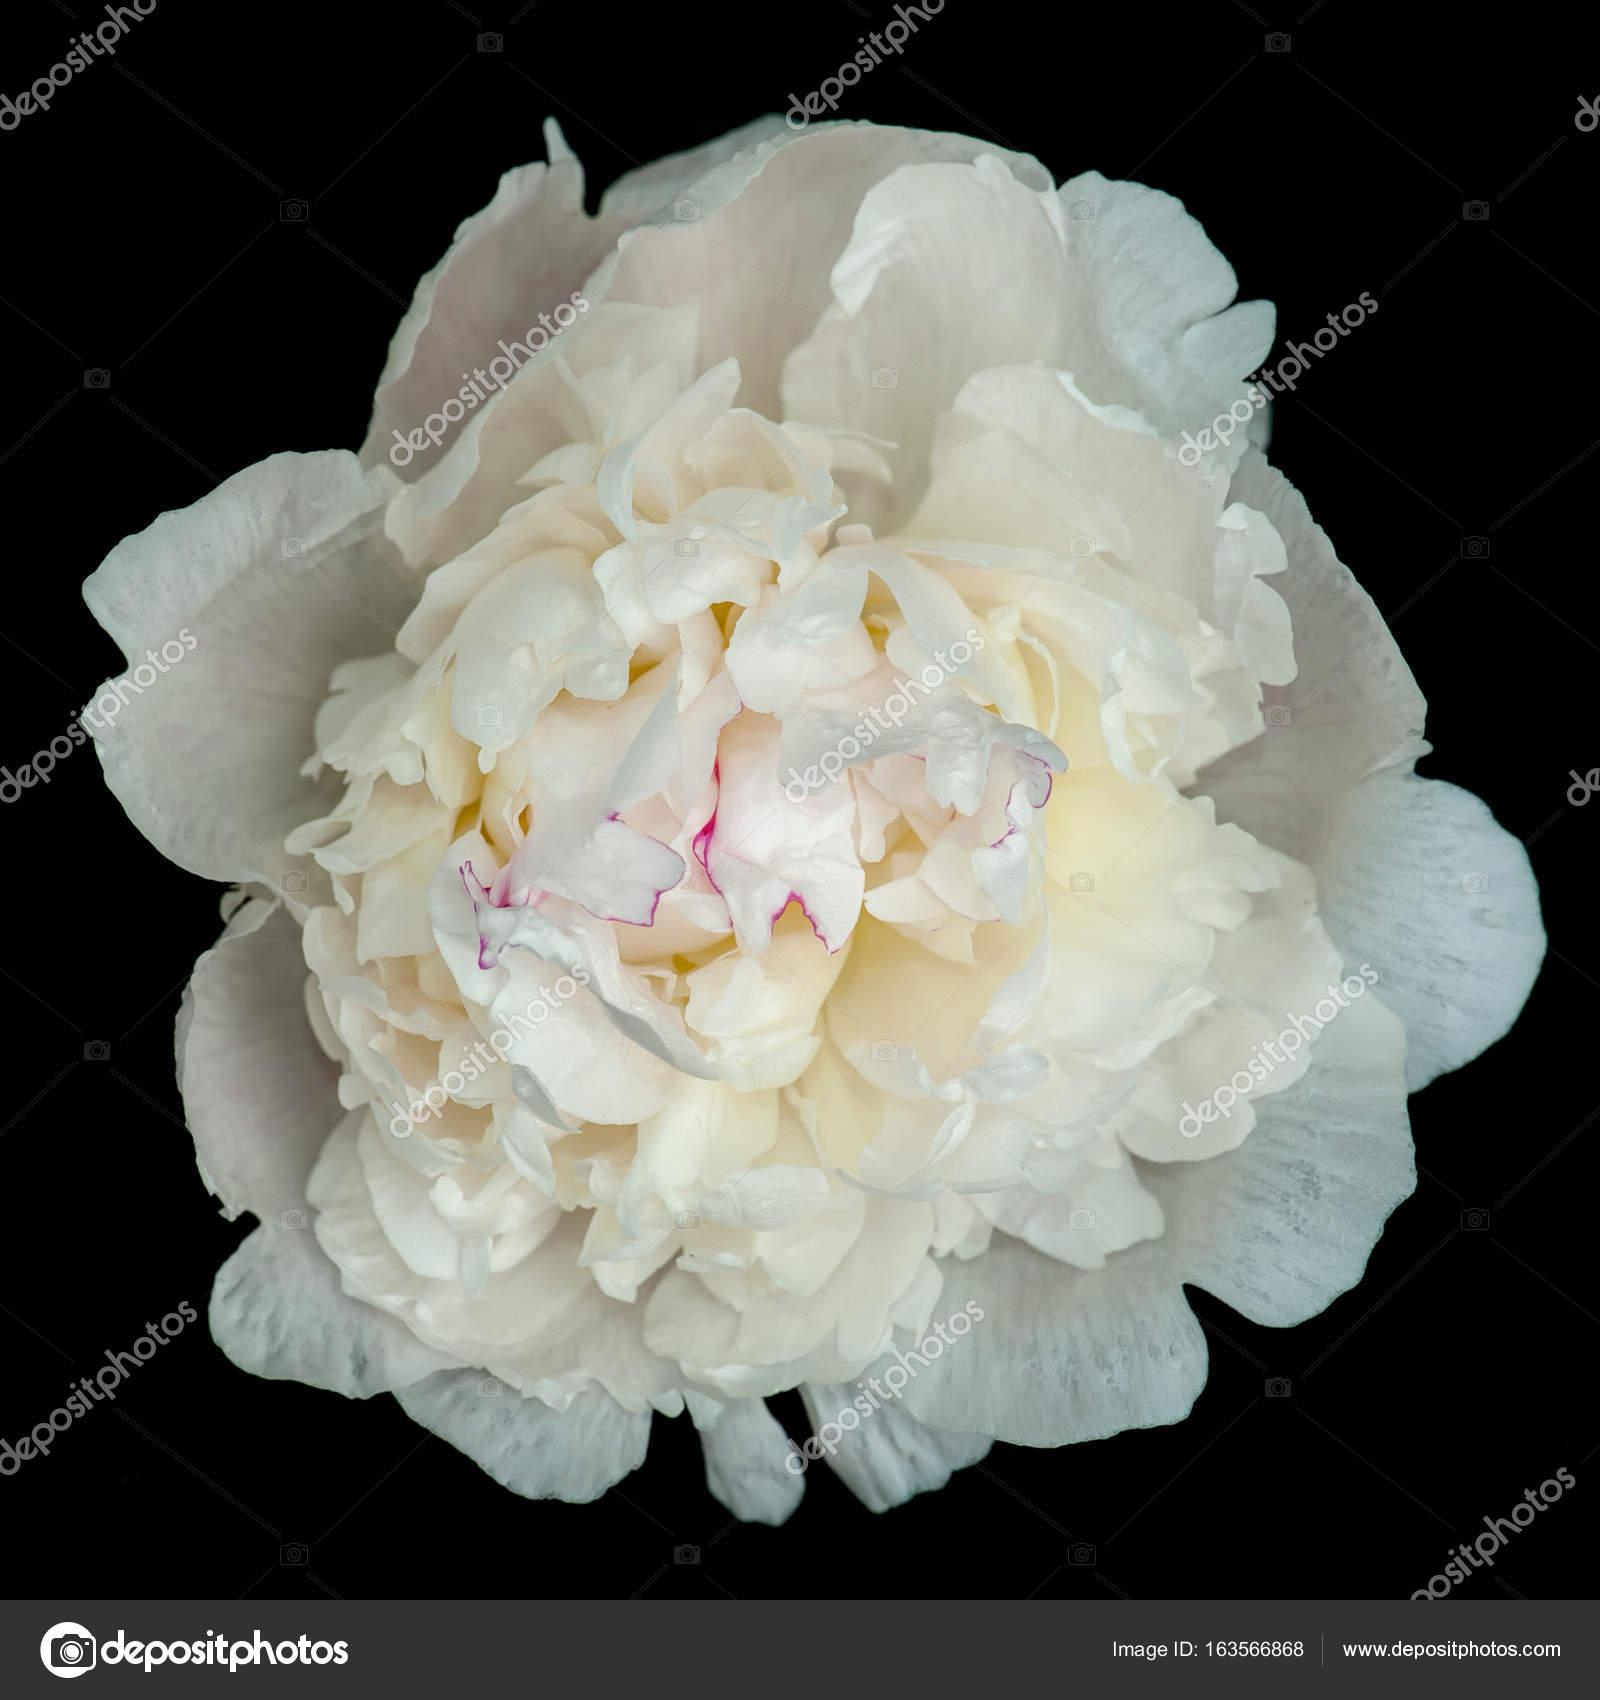 White peony flower stock photo taratata 163566868 white peony flower stock photo mightylinksfo